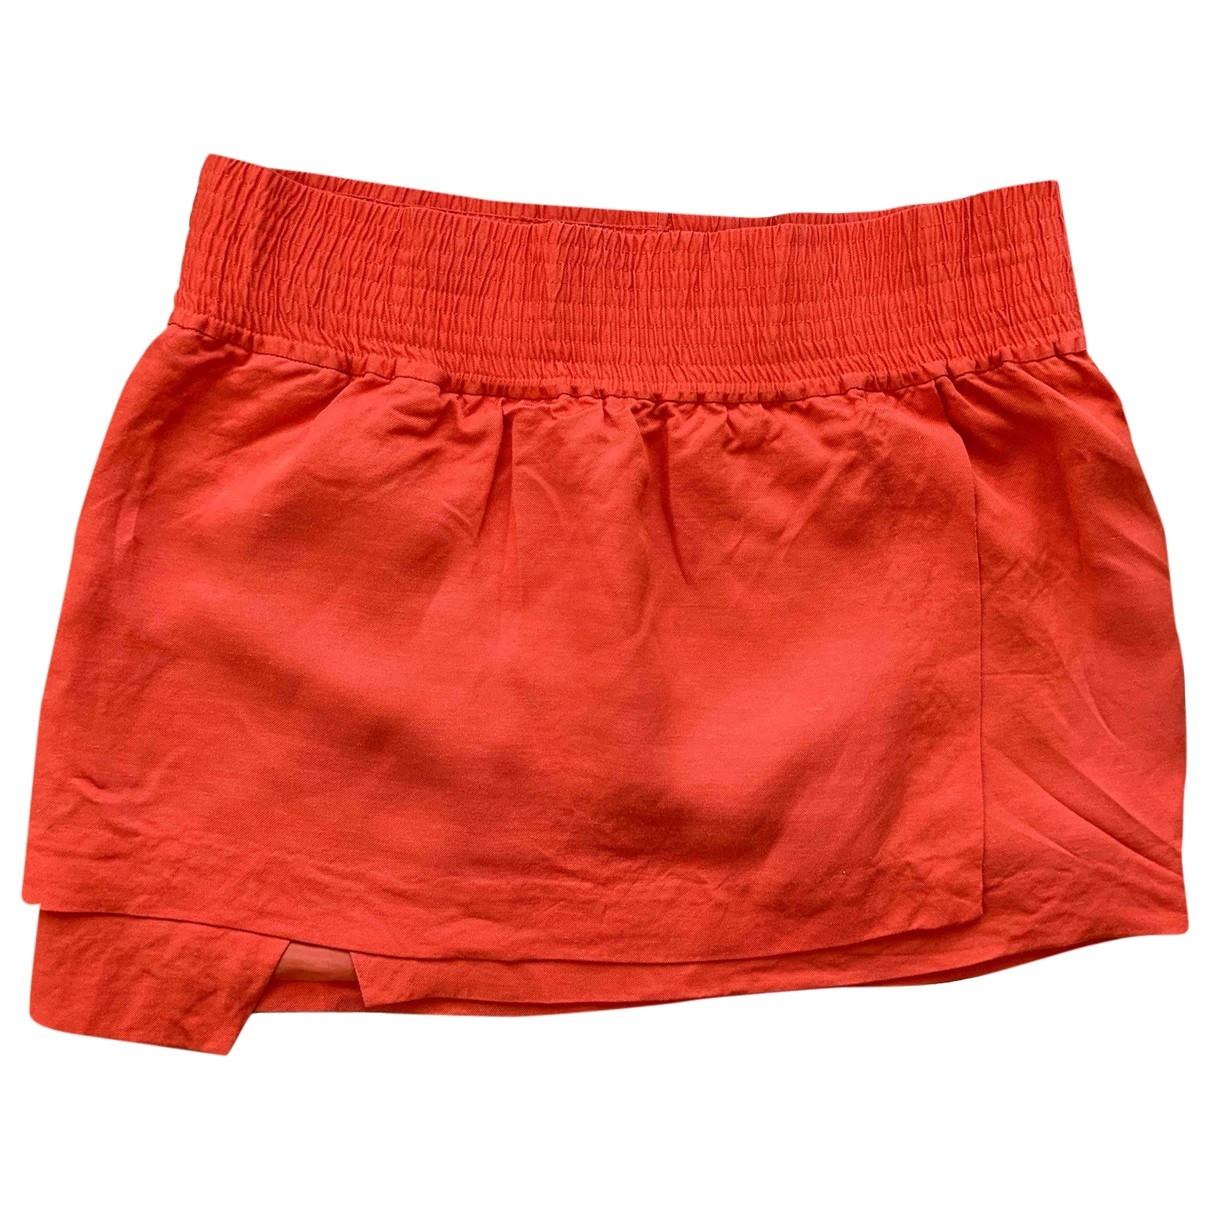 Acne Studios \N Orange skirt for Women 40 FR